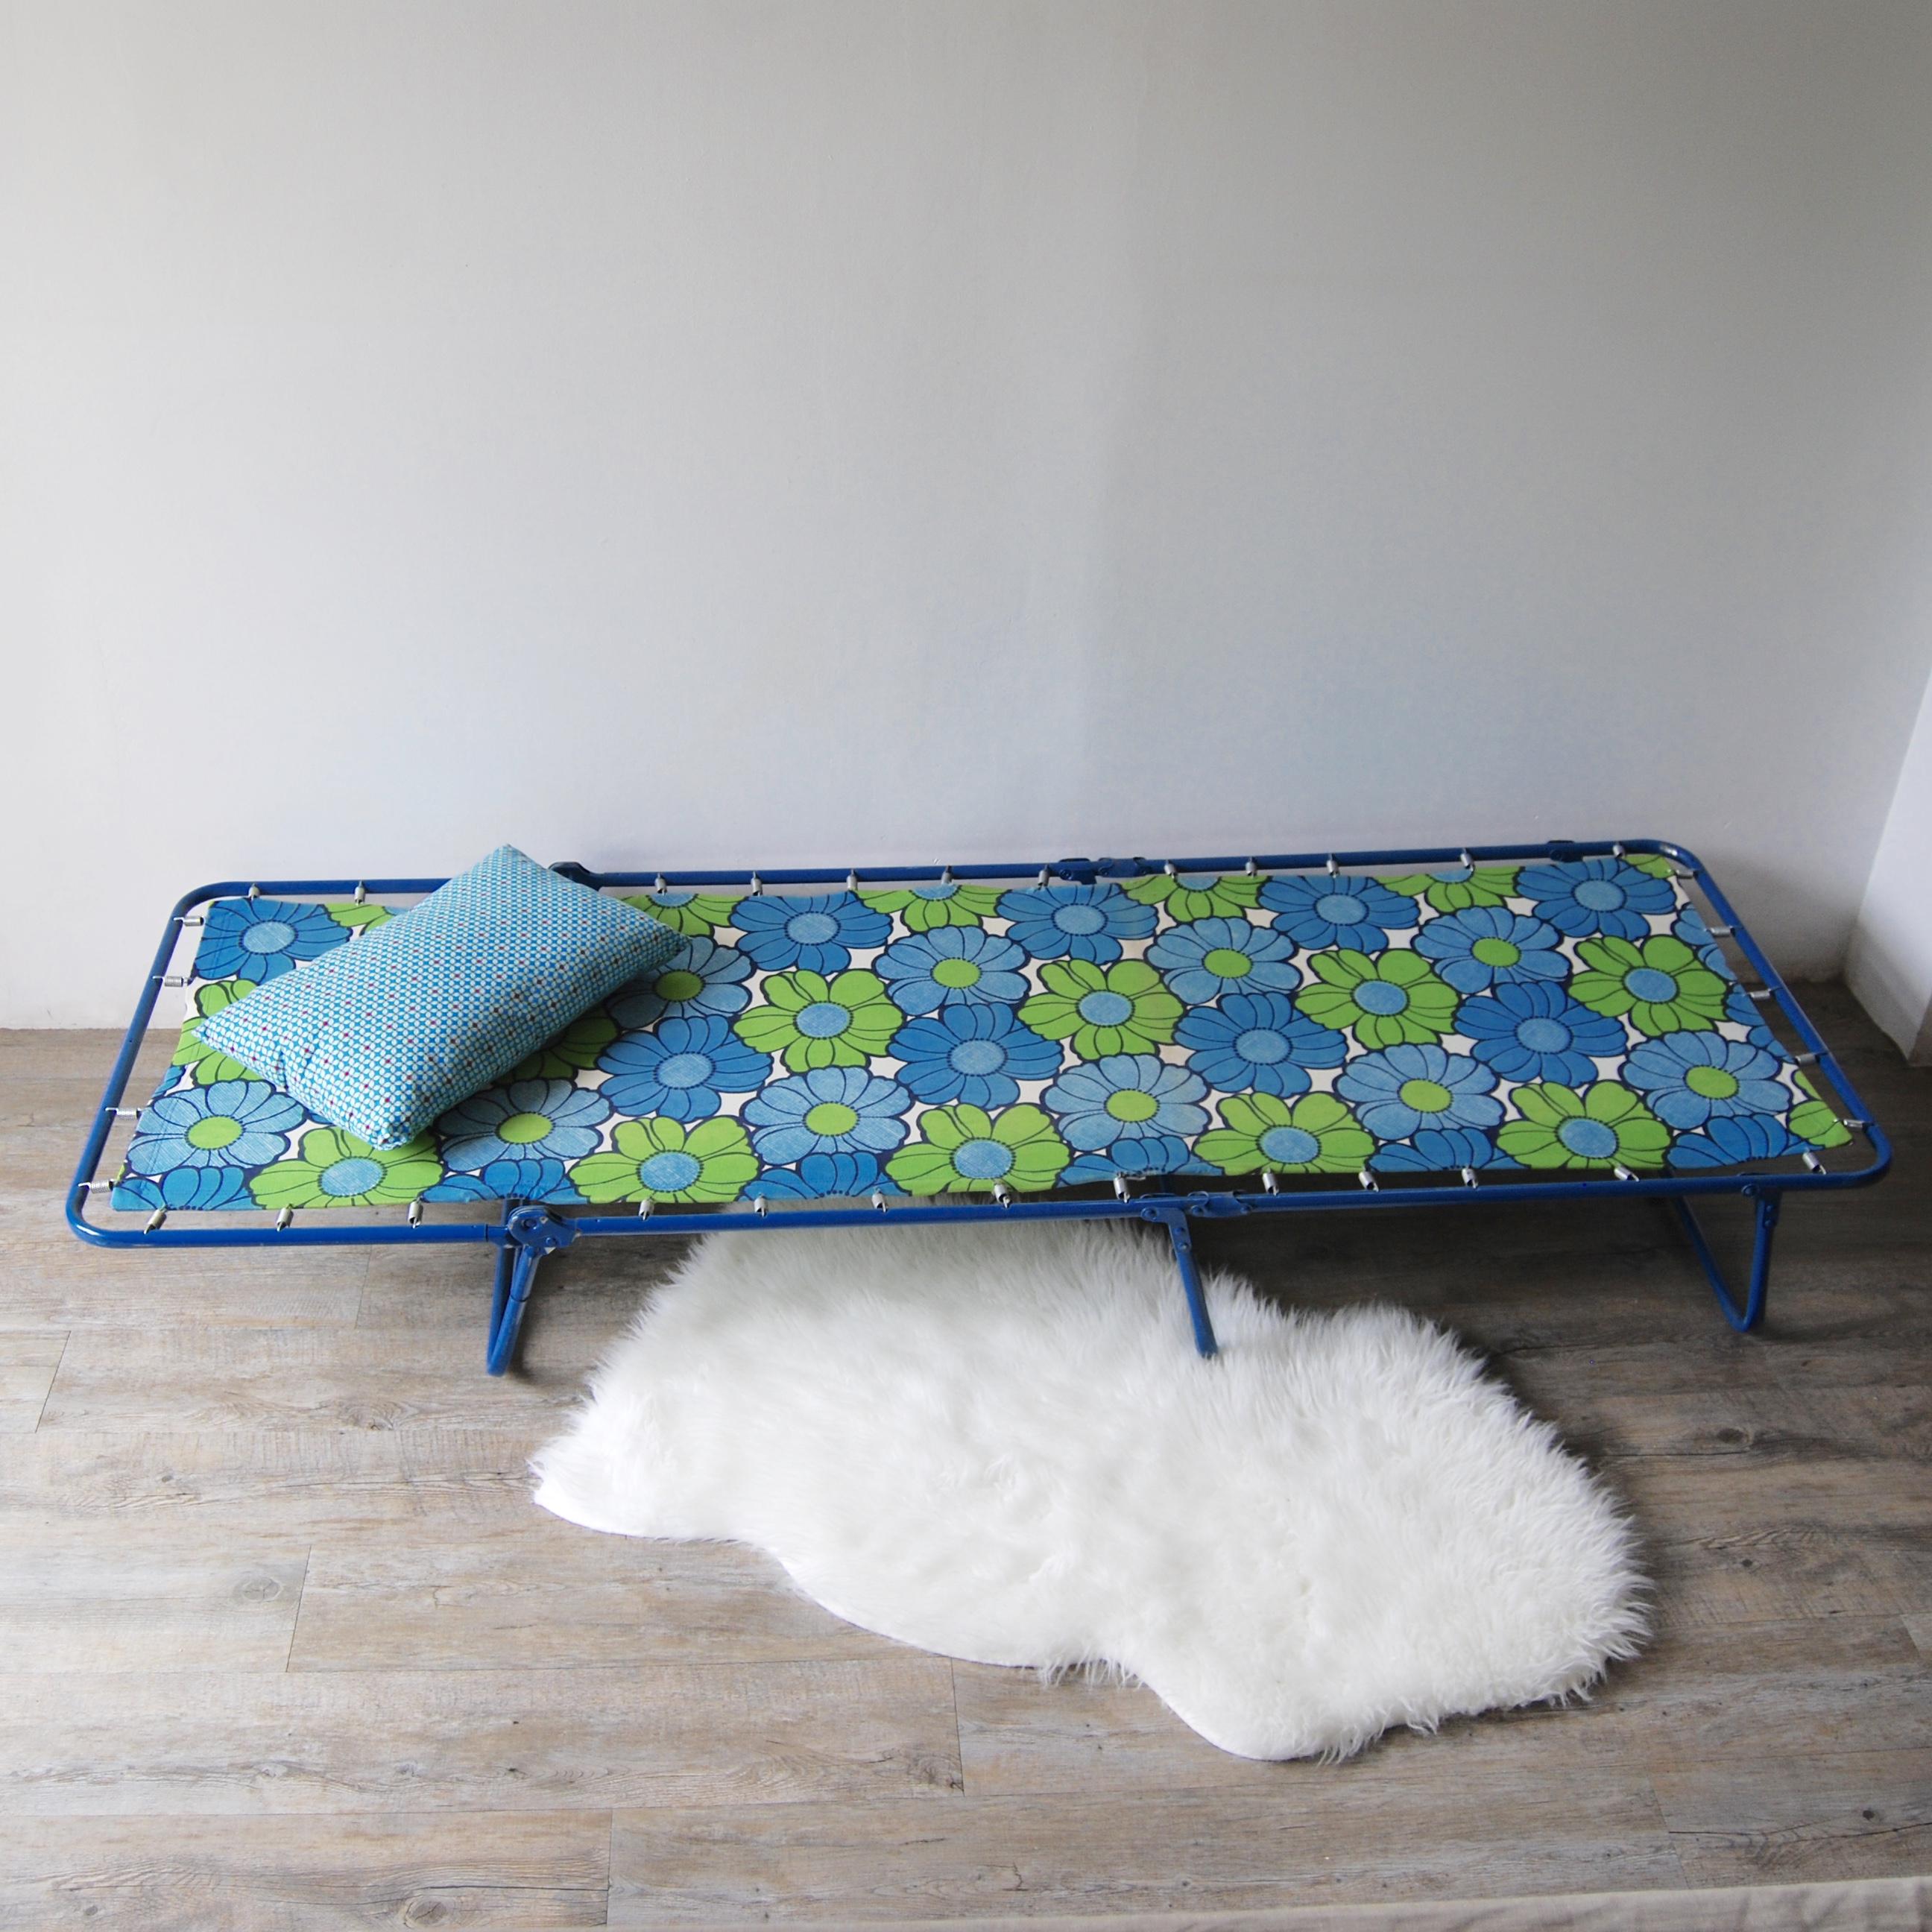 lit de camp vintage flower power brocante avenue. Black Bedroom Furniture Sets. Home Design Ideas